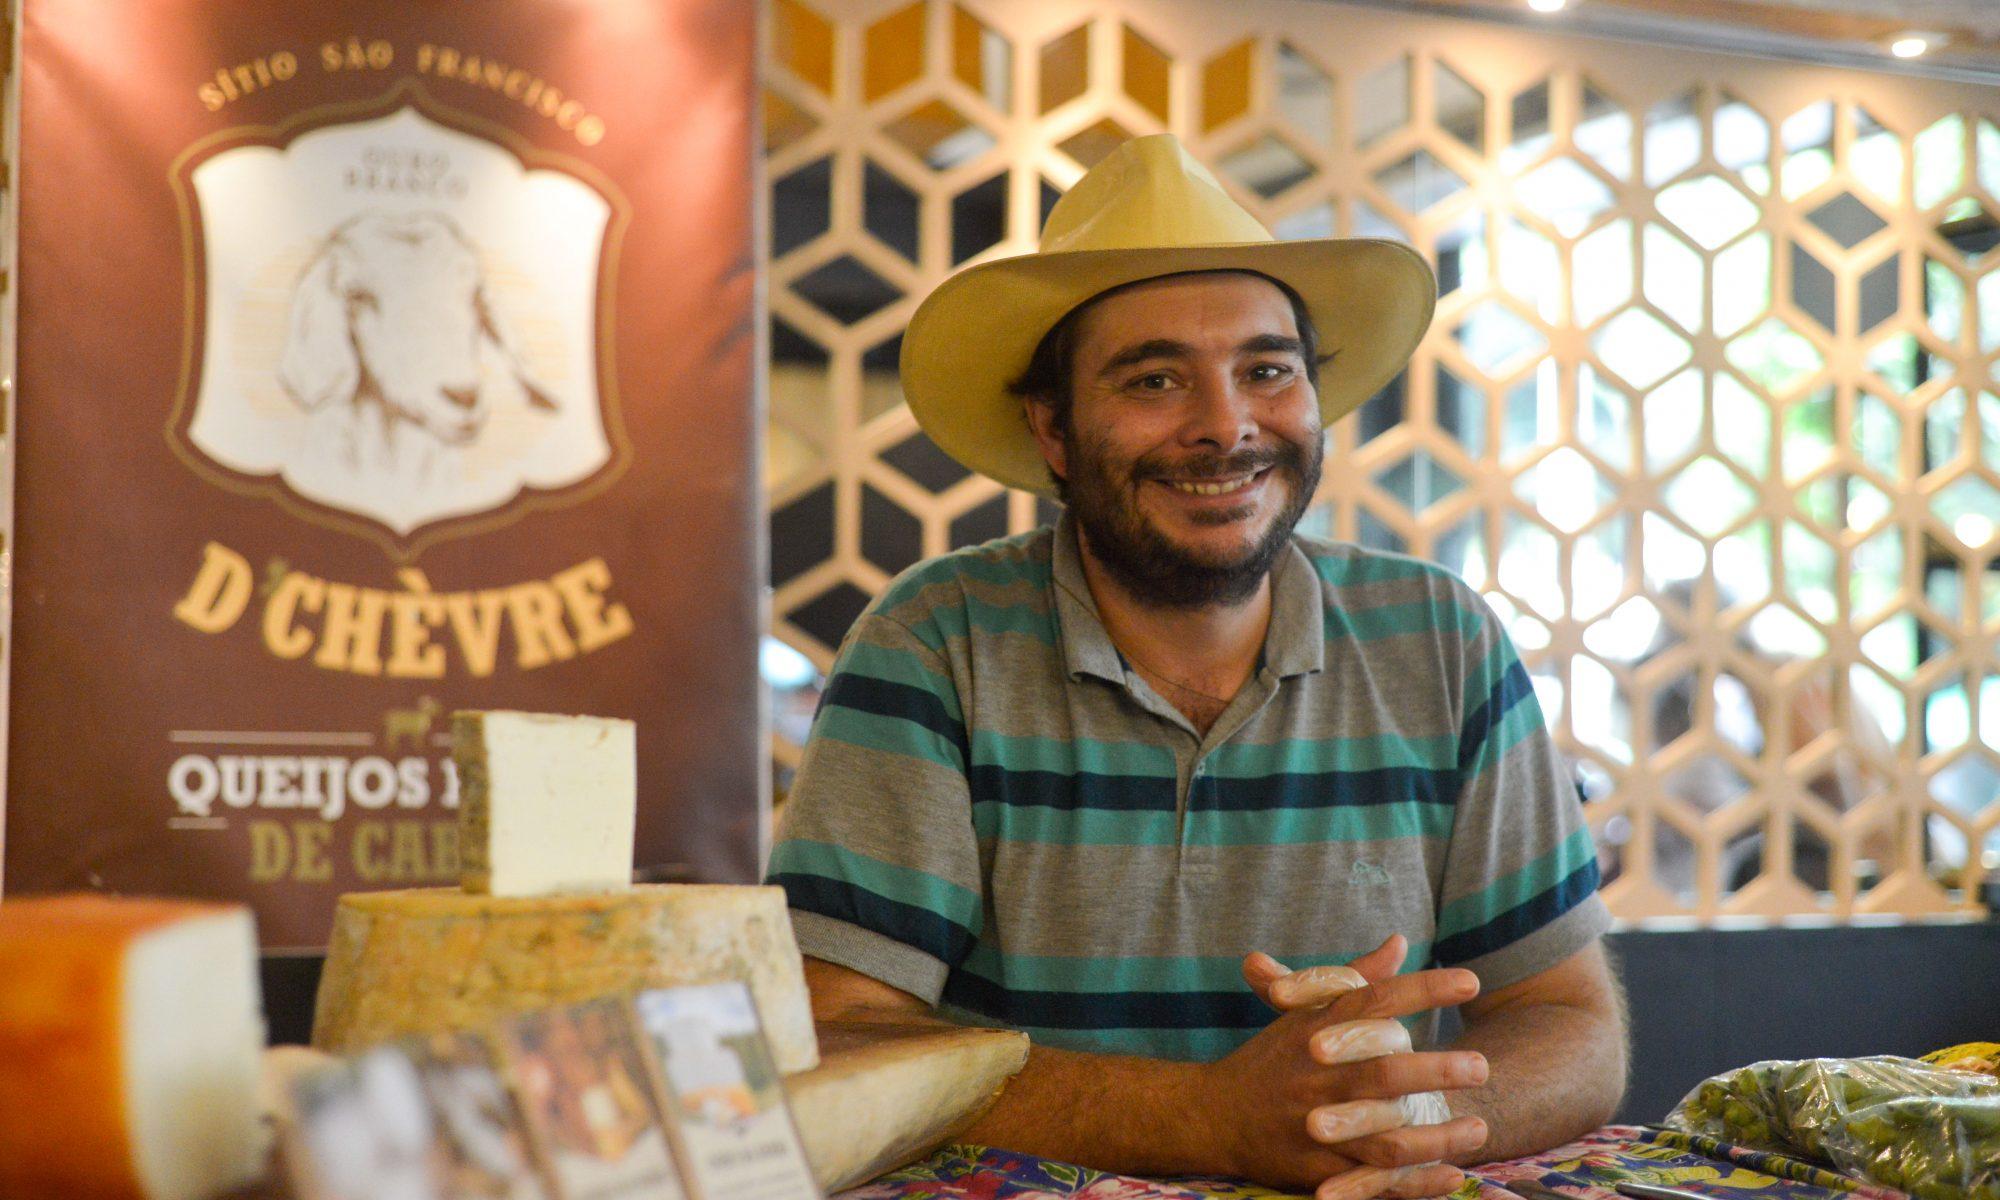 Queijos D'Chèvre na Feira Fresca do Spiral com Café